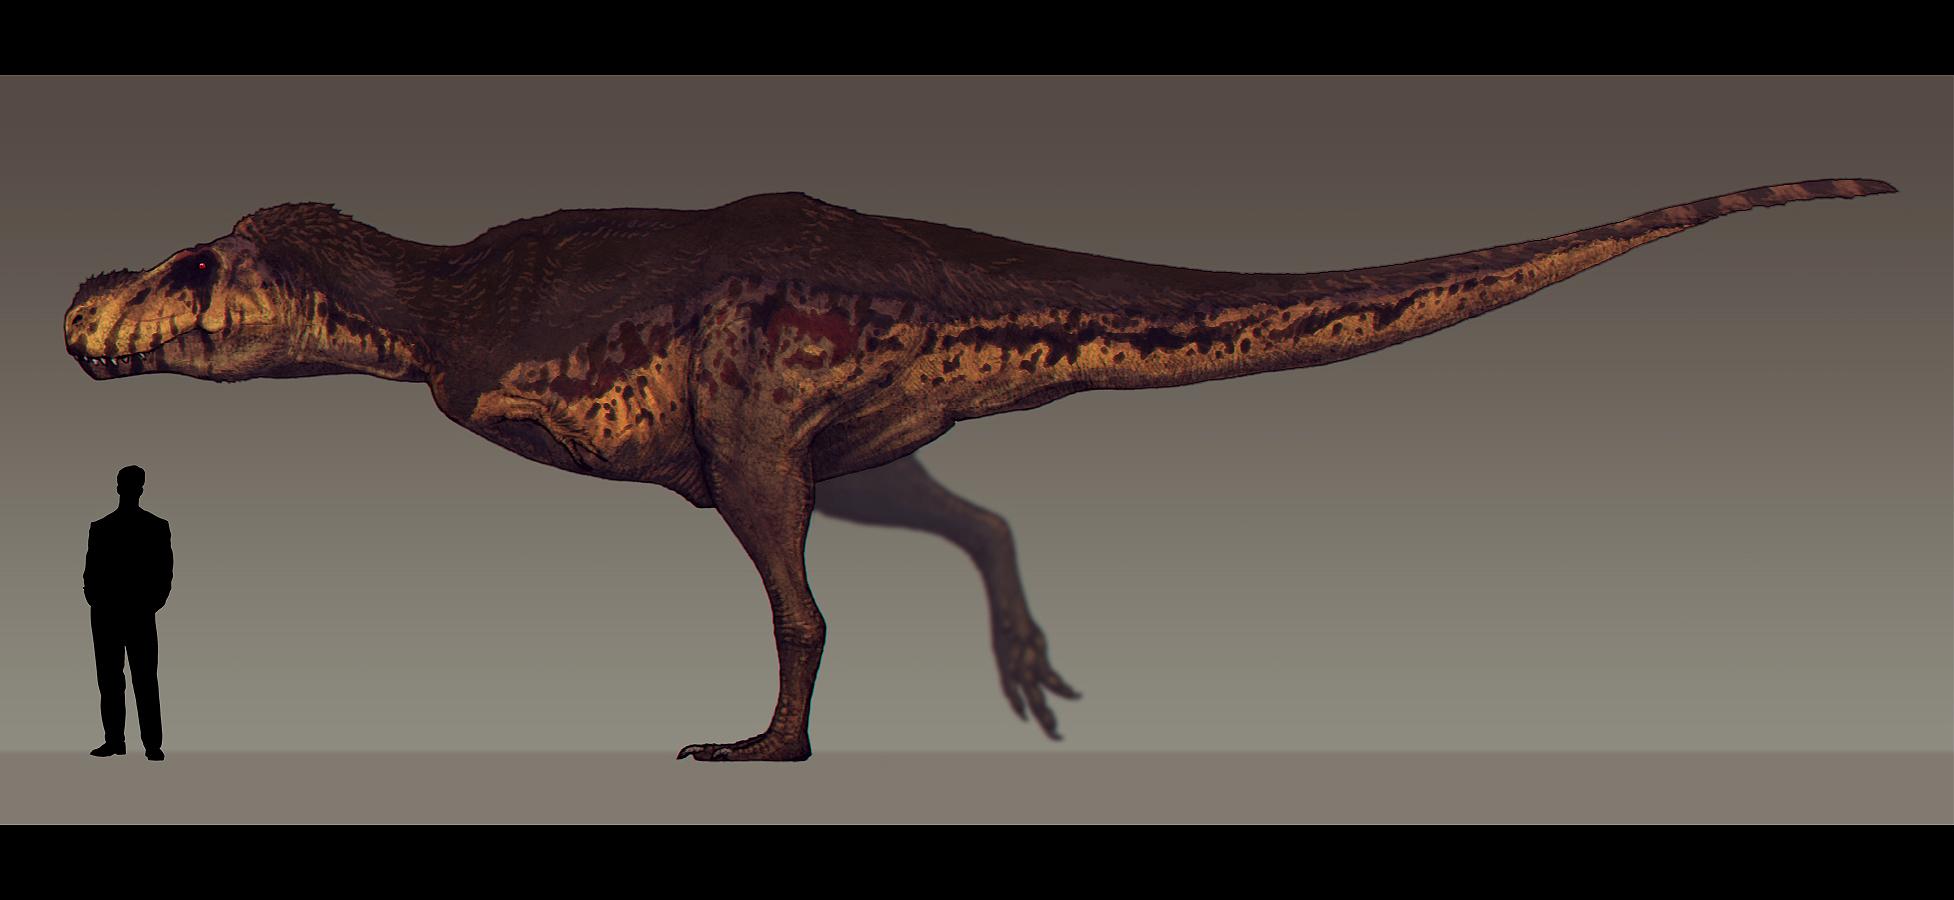 Tyrannosaurus rex by paleocolour on deviantart for Tyranosaurus rex